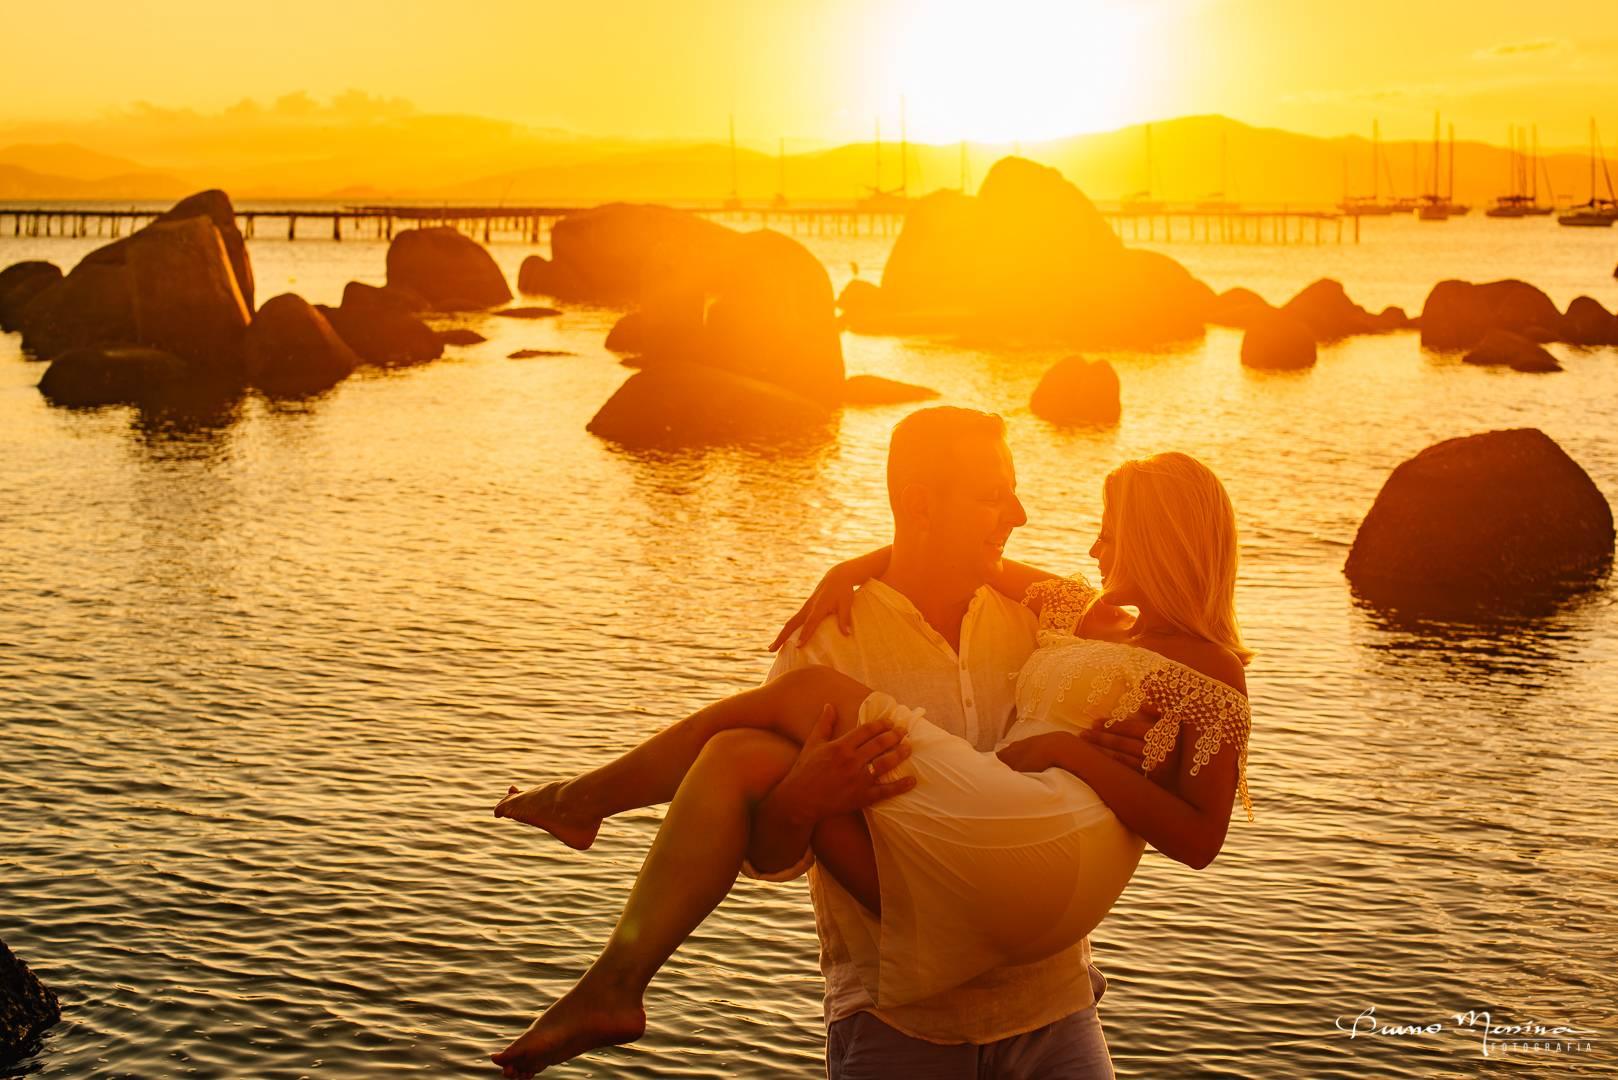 fotos na Ilha do Campeche - Ensaio fotográfico na Ilha do Campeche - Fotógrafo Ilha do Campeche - pré-casamento na Ilha do Campeche - Turismo Ilha do Campeche